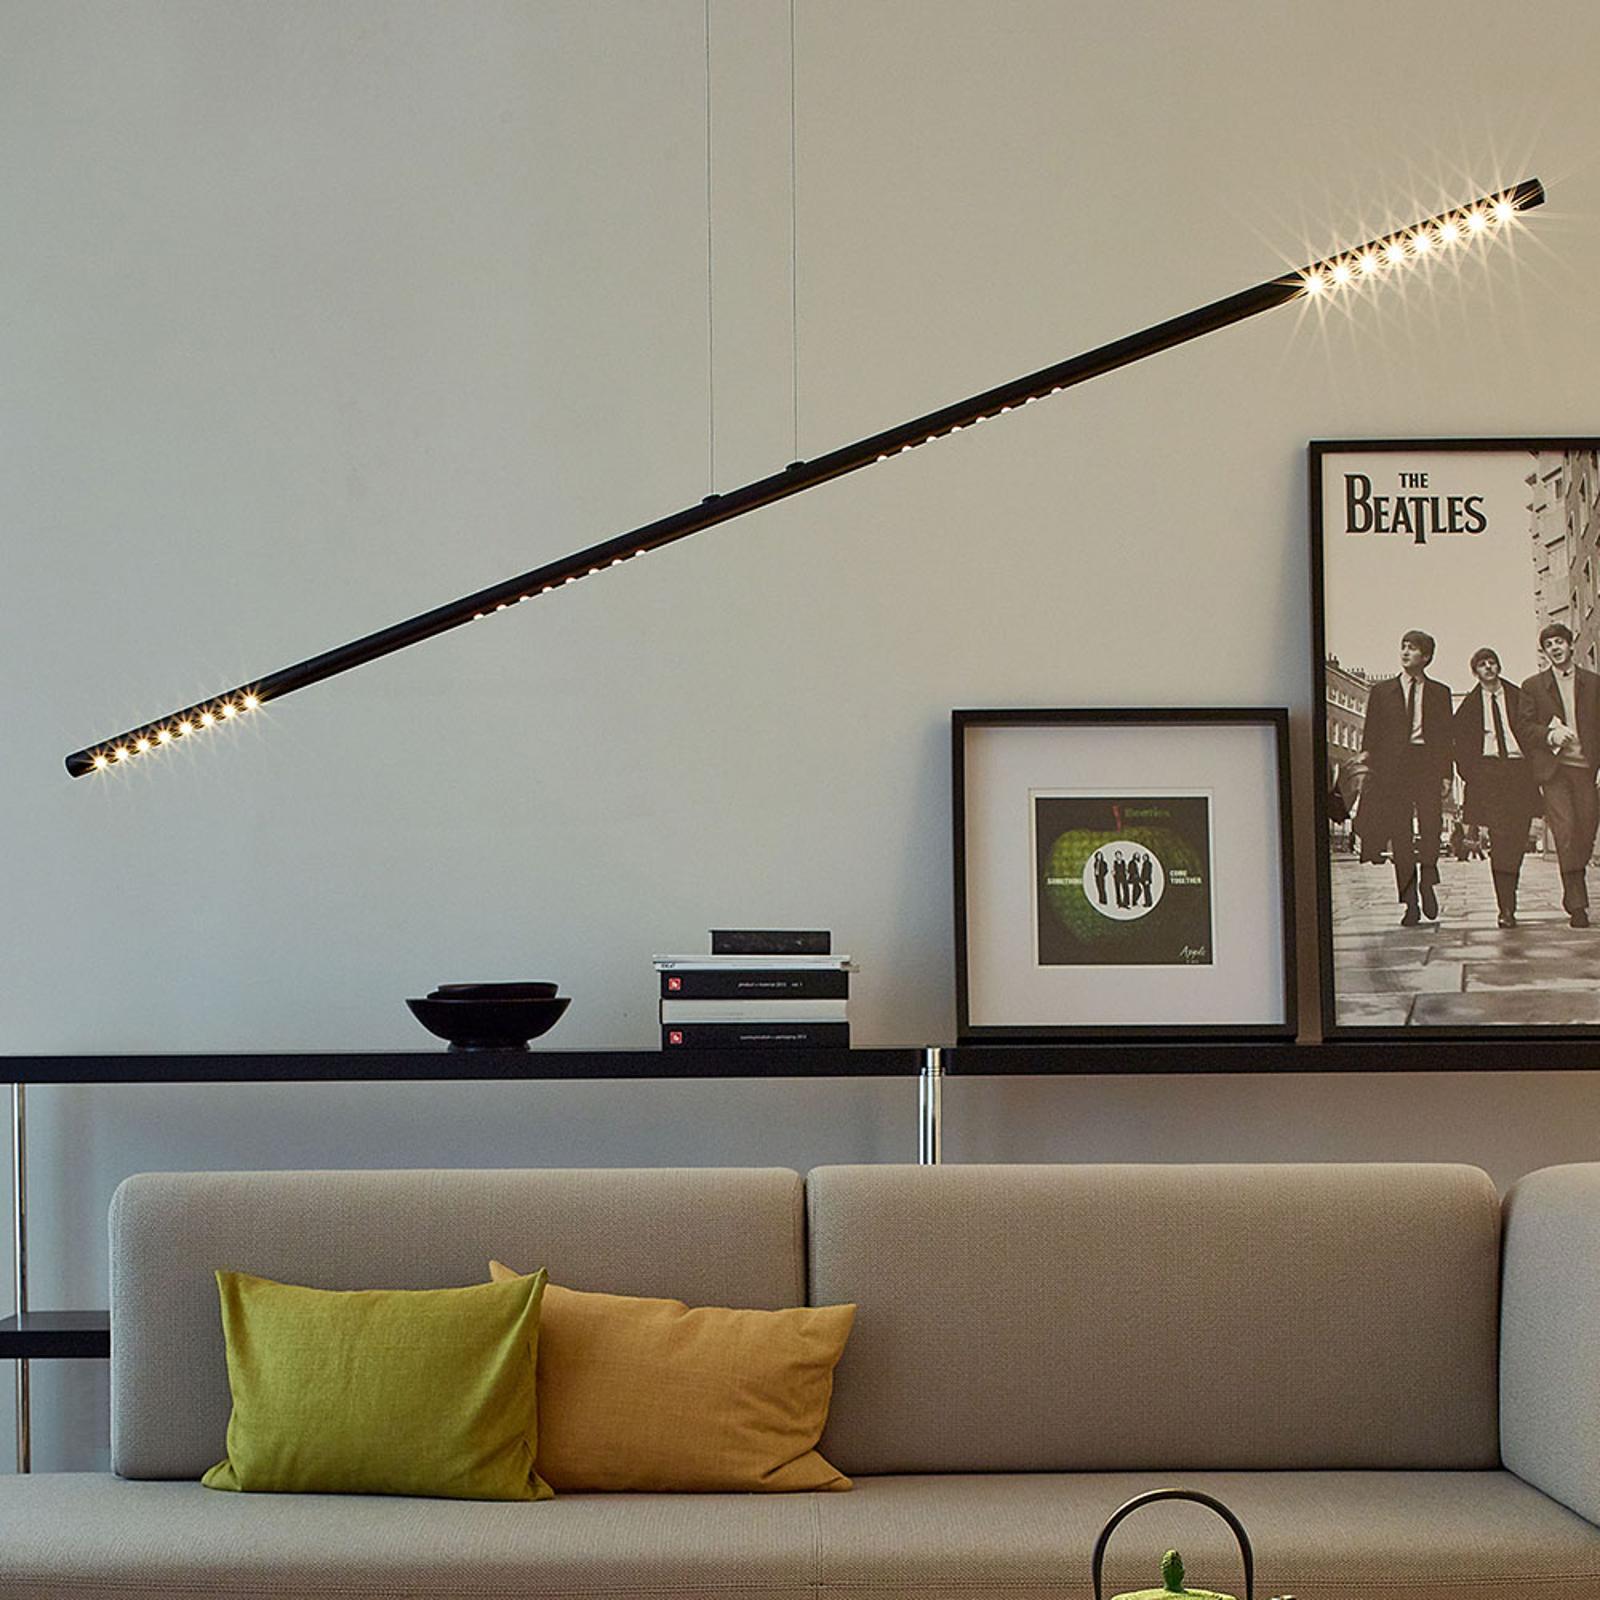 TECNOLUMEN LUM L Hängeleuchte, 135 cm, schwarz